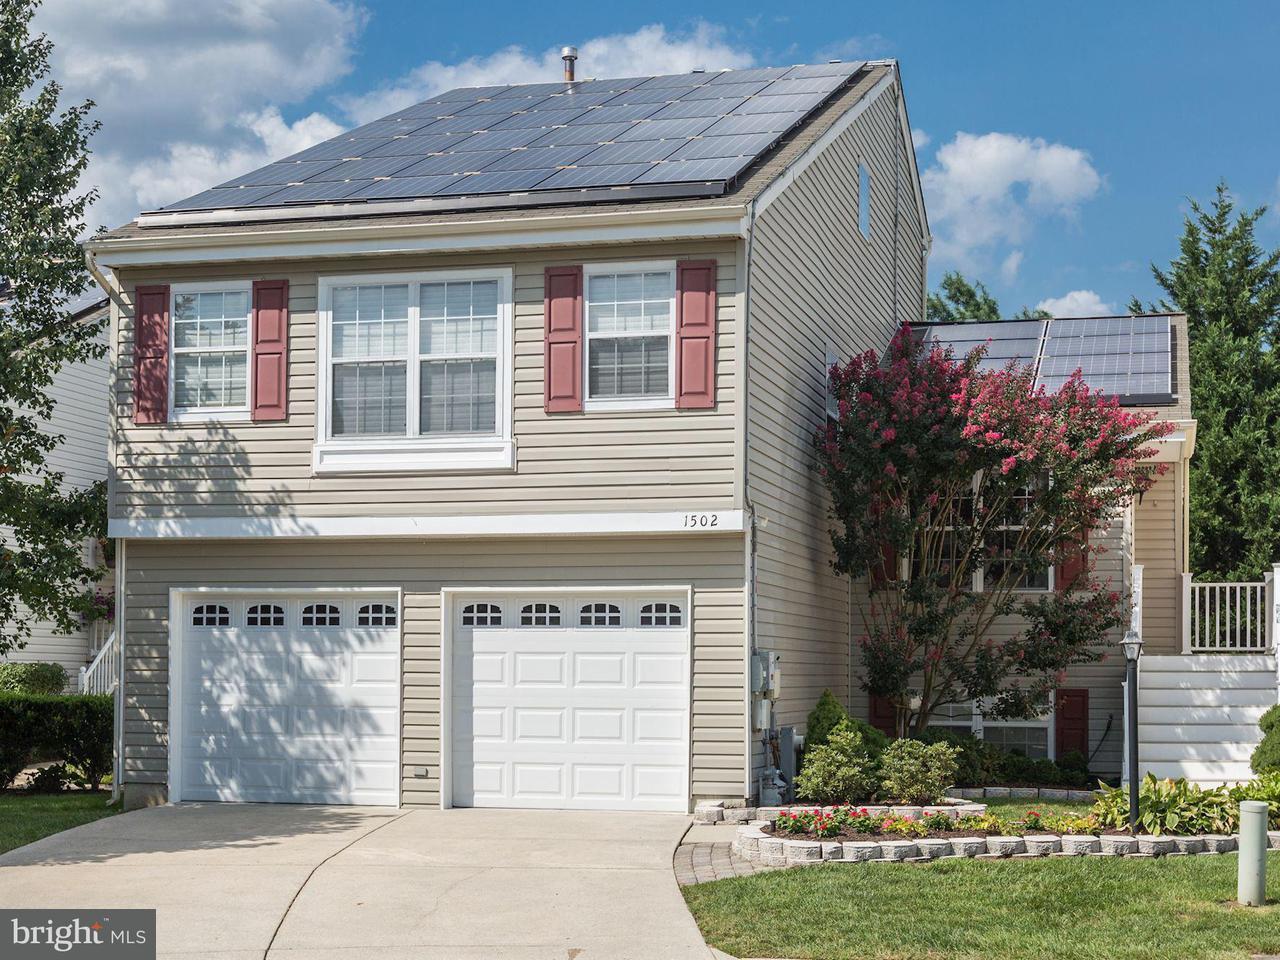 Maison unifamiliale pour l Vente à 1502 SHADYWOOD Court 1502 SHADYWOOD Court Crofton, Maryland 21114 États-Unis